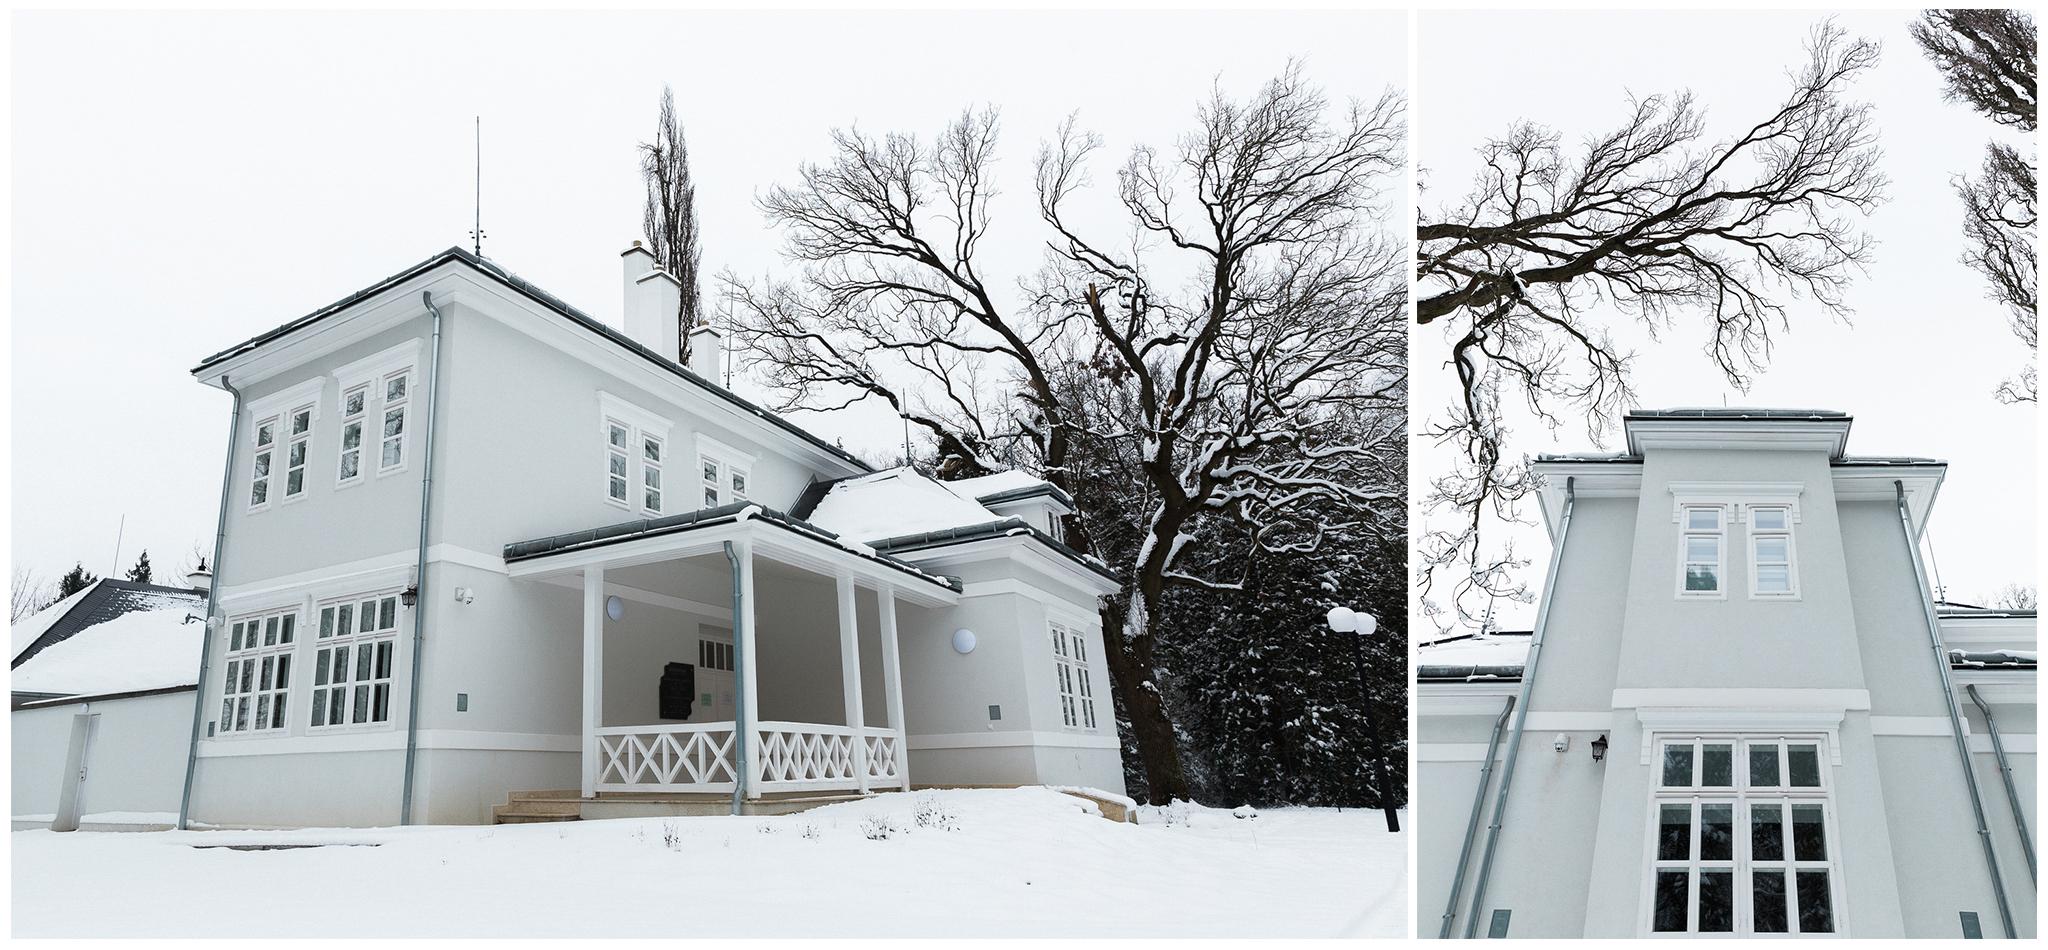 Körmend,Várkert,tél,2018,Fülöp Péter, fylepphoto, Vasmegye, Dunántúl_007.jpg